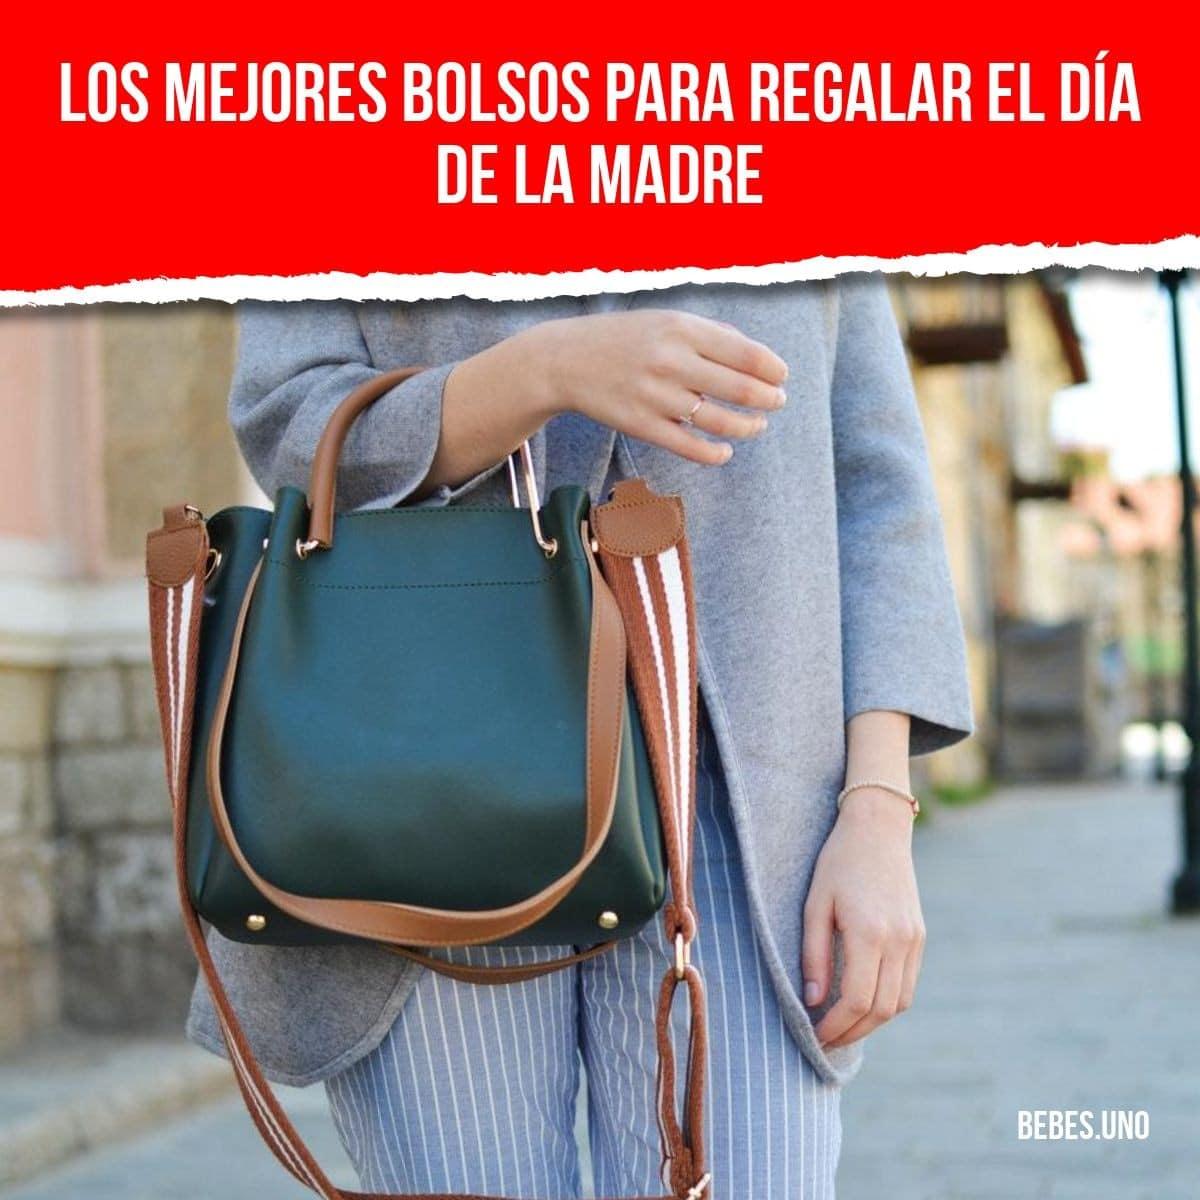 Los mejores bolsos para regalar el Día de la Madre